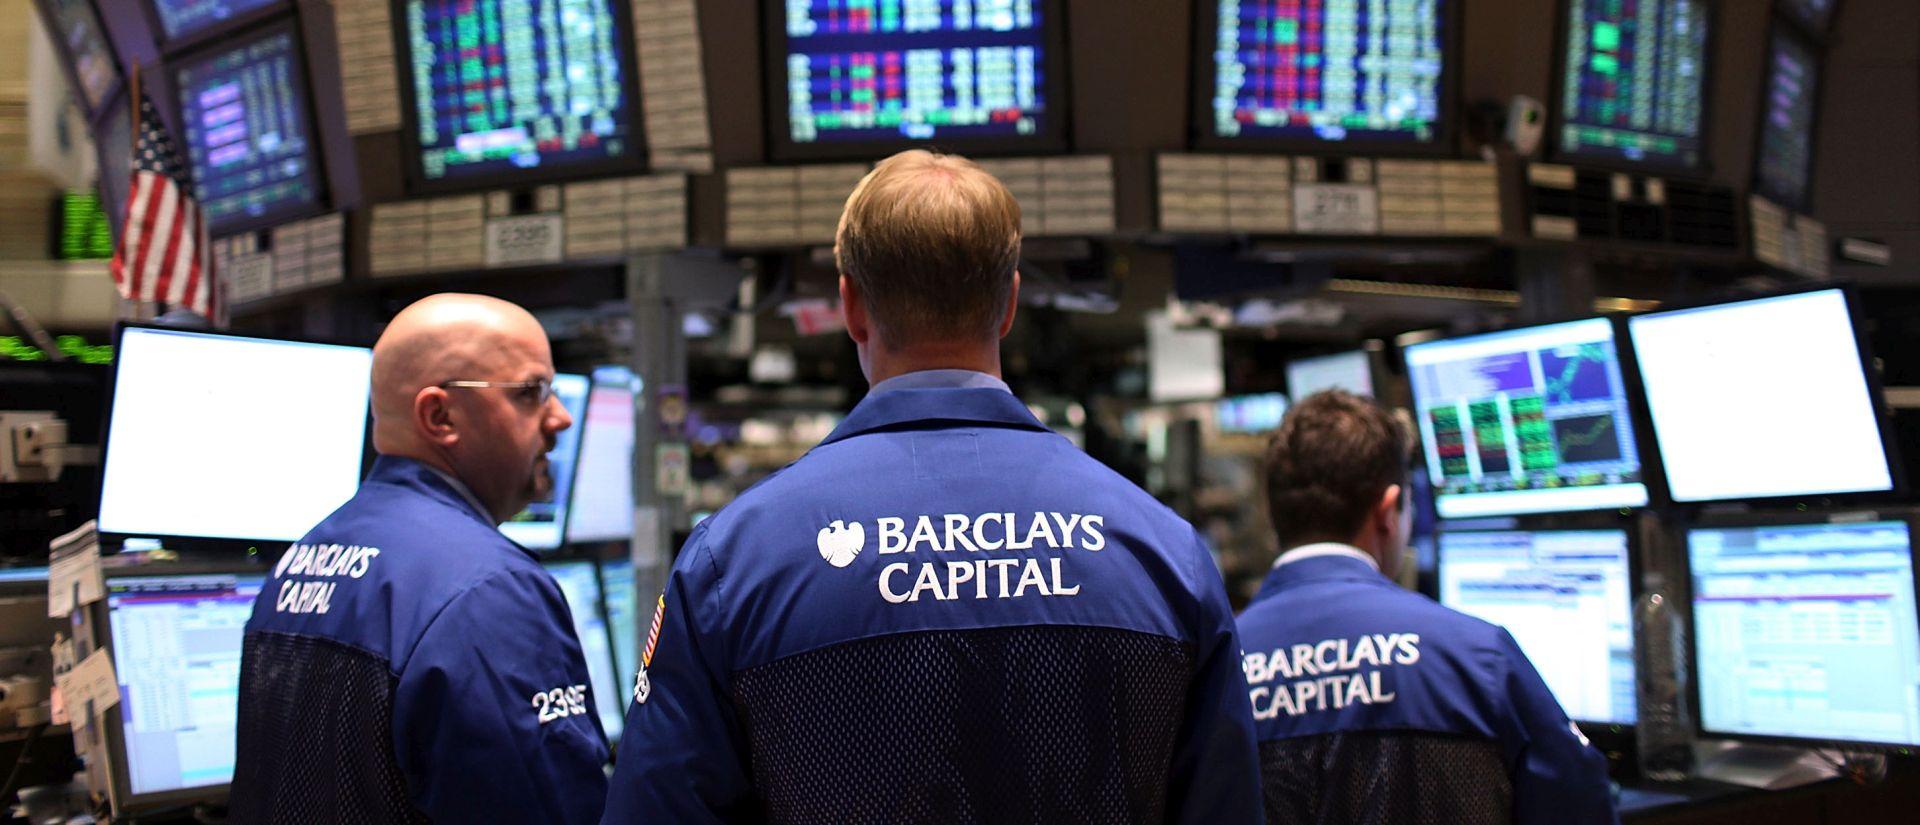 30.000 LJUDI OSTAJE BEZ POSLA Britanski Barclays otpušta radnike zbog štednje